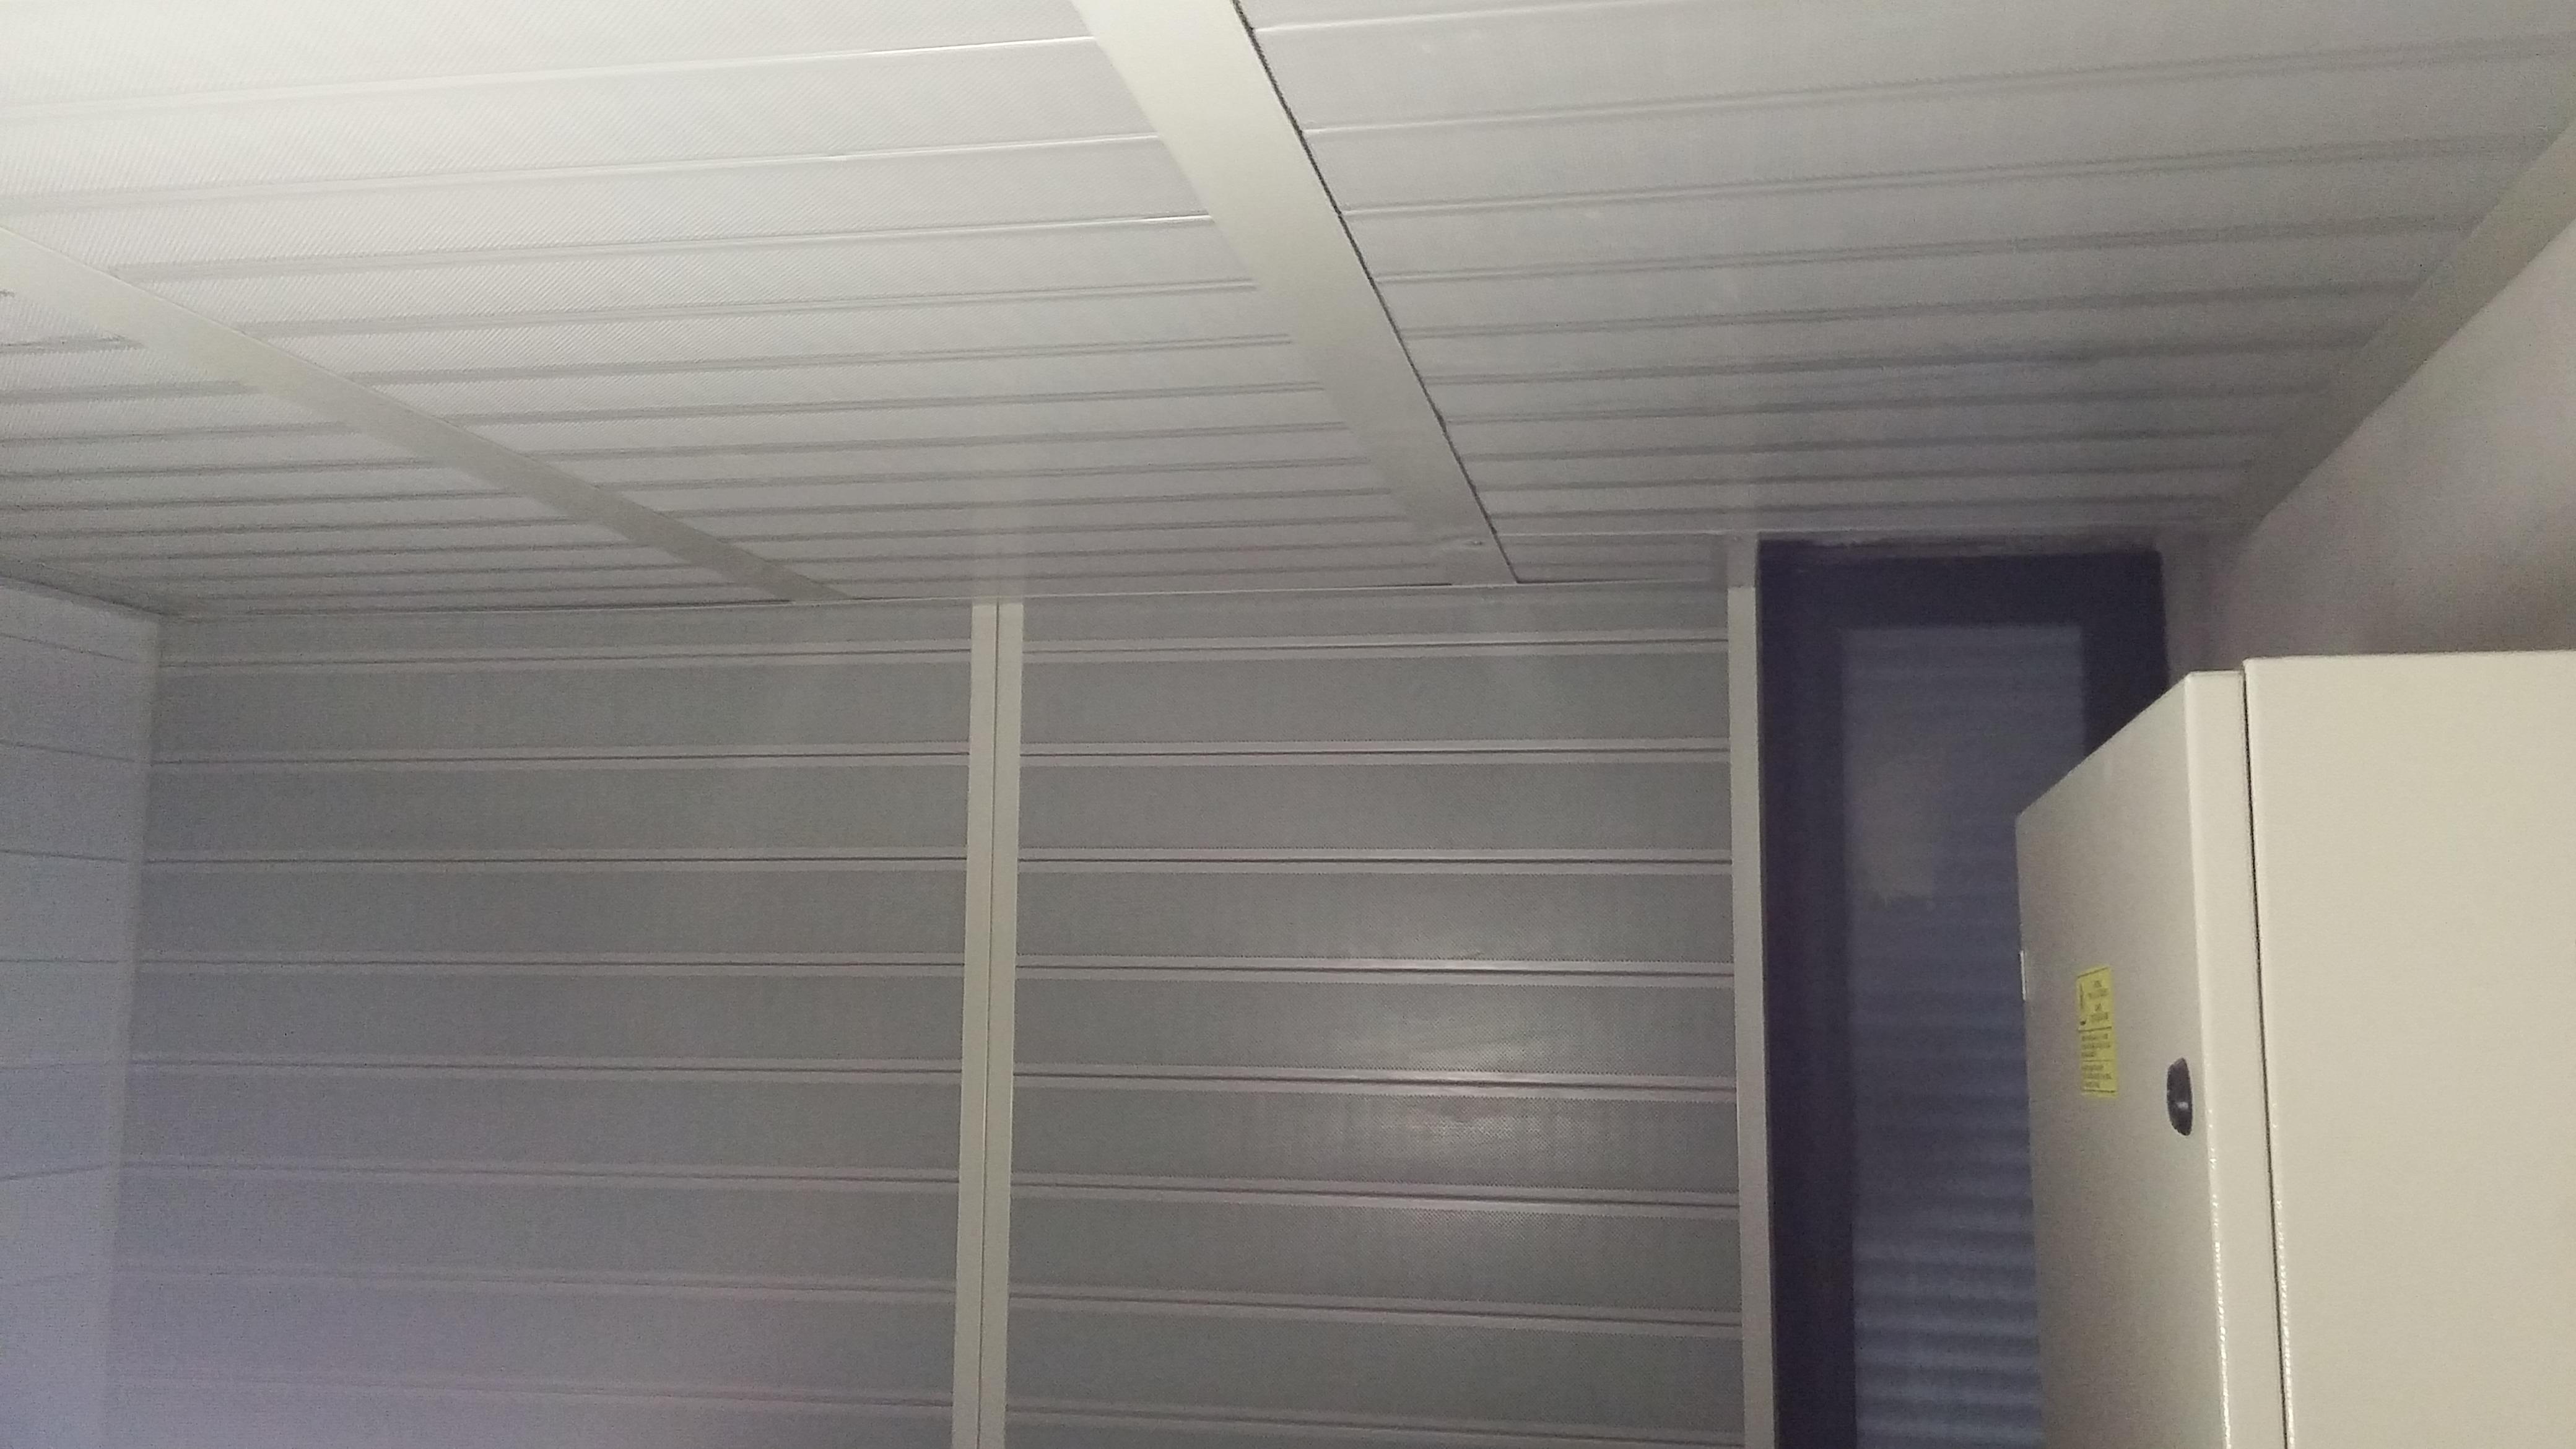 Isolalmento acustico locale ascensore pareti e soffitto